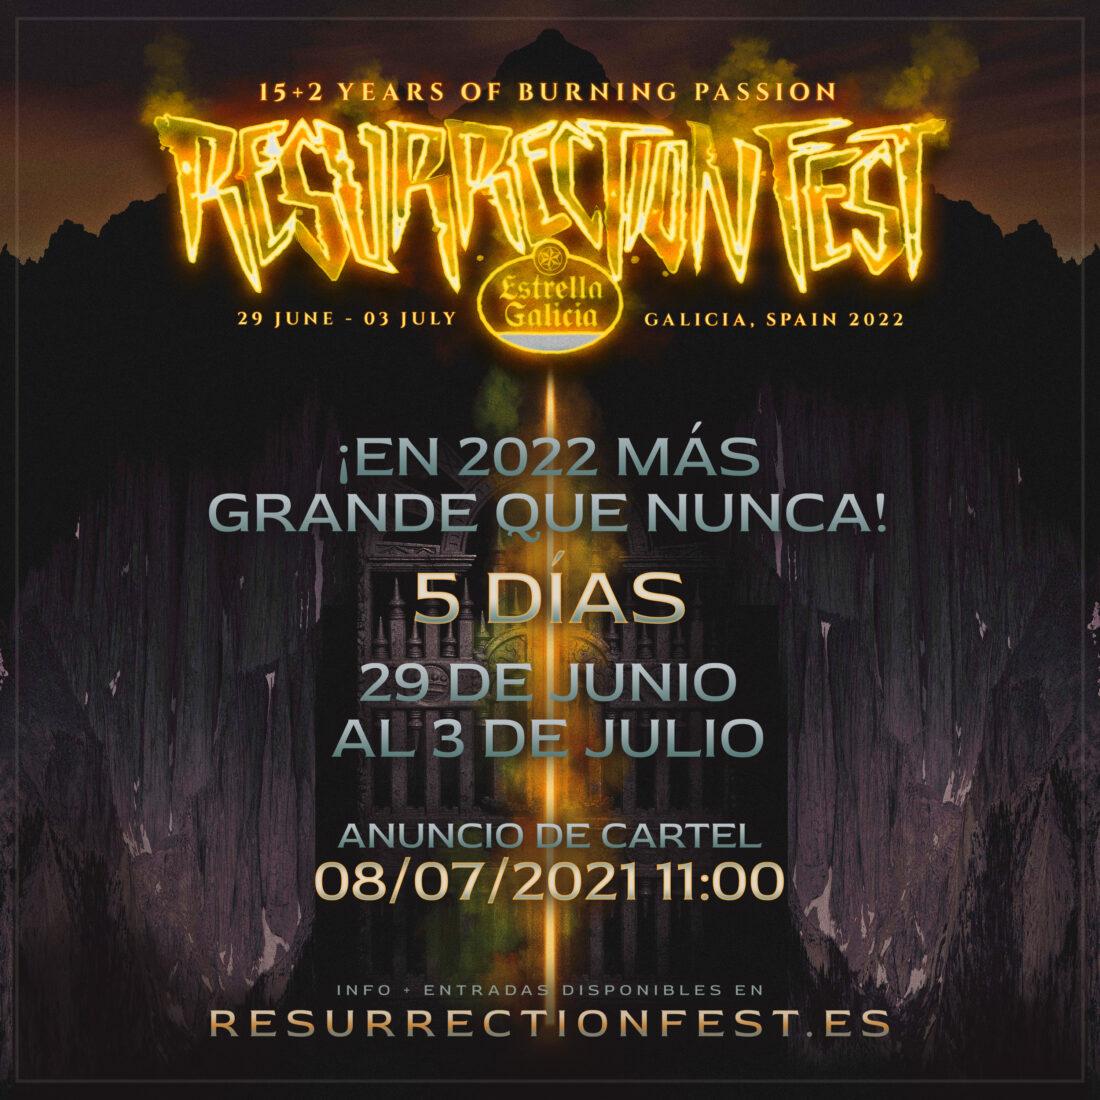 El Resurrection Fest Estrella Galicia 2022 tendrá 5 días: del 29 de junio al 3 de julio